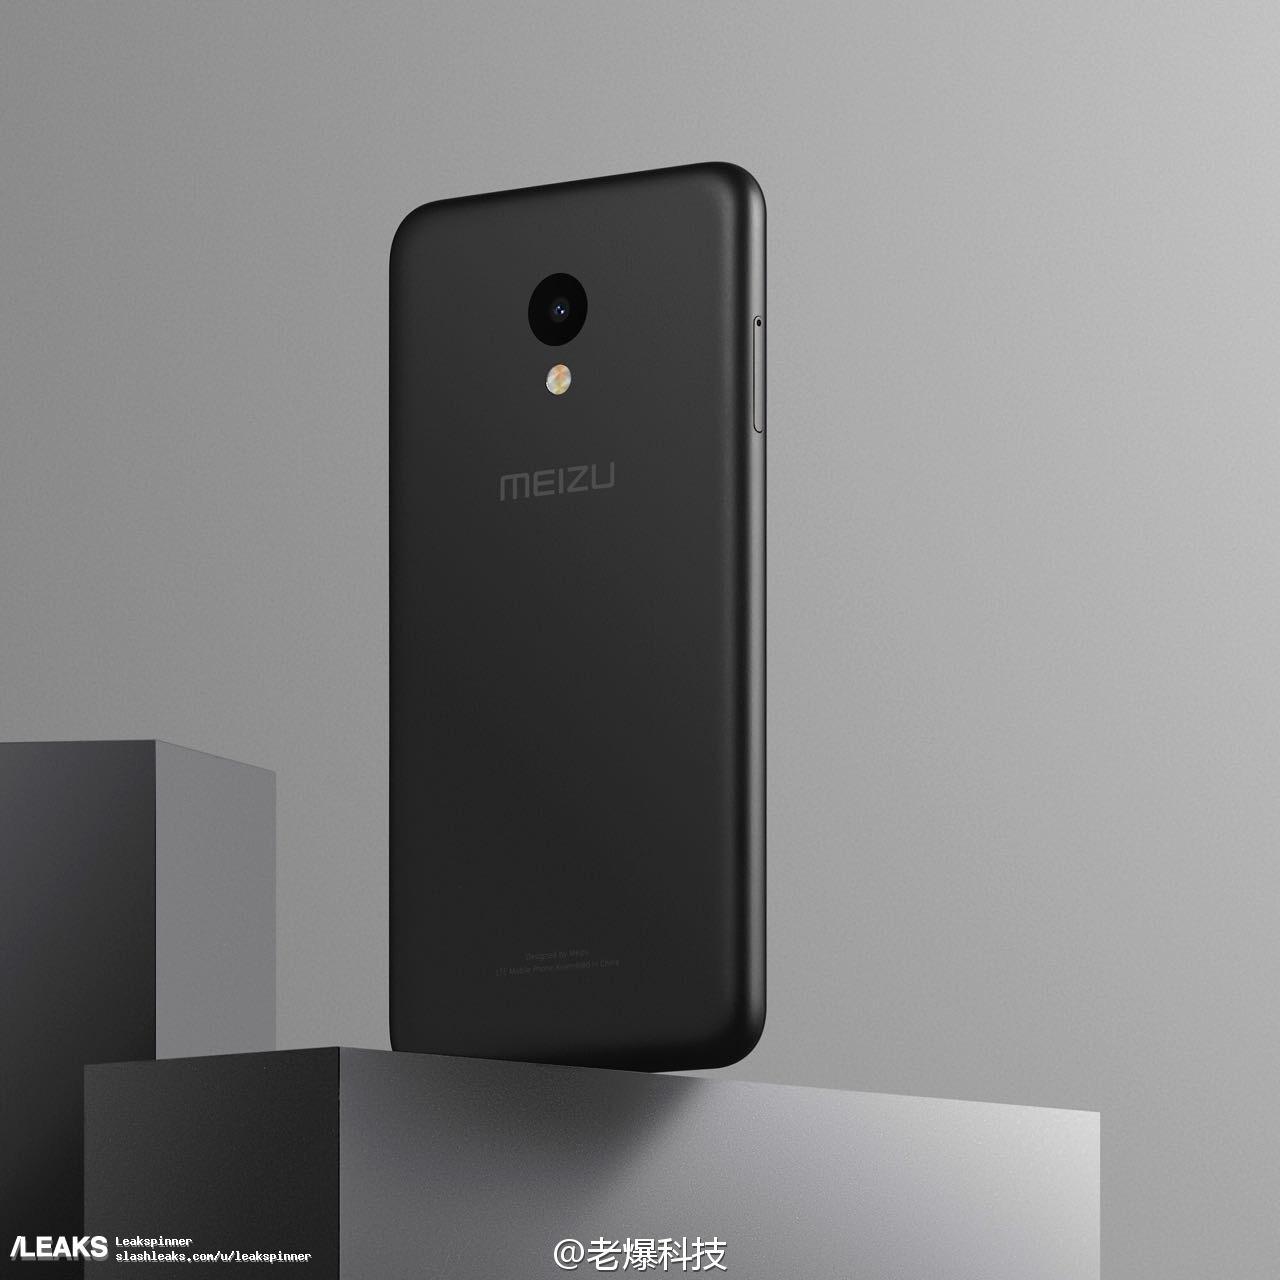 img Alleged Meizu M5 press render leaked